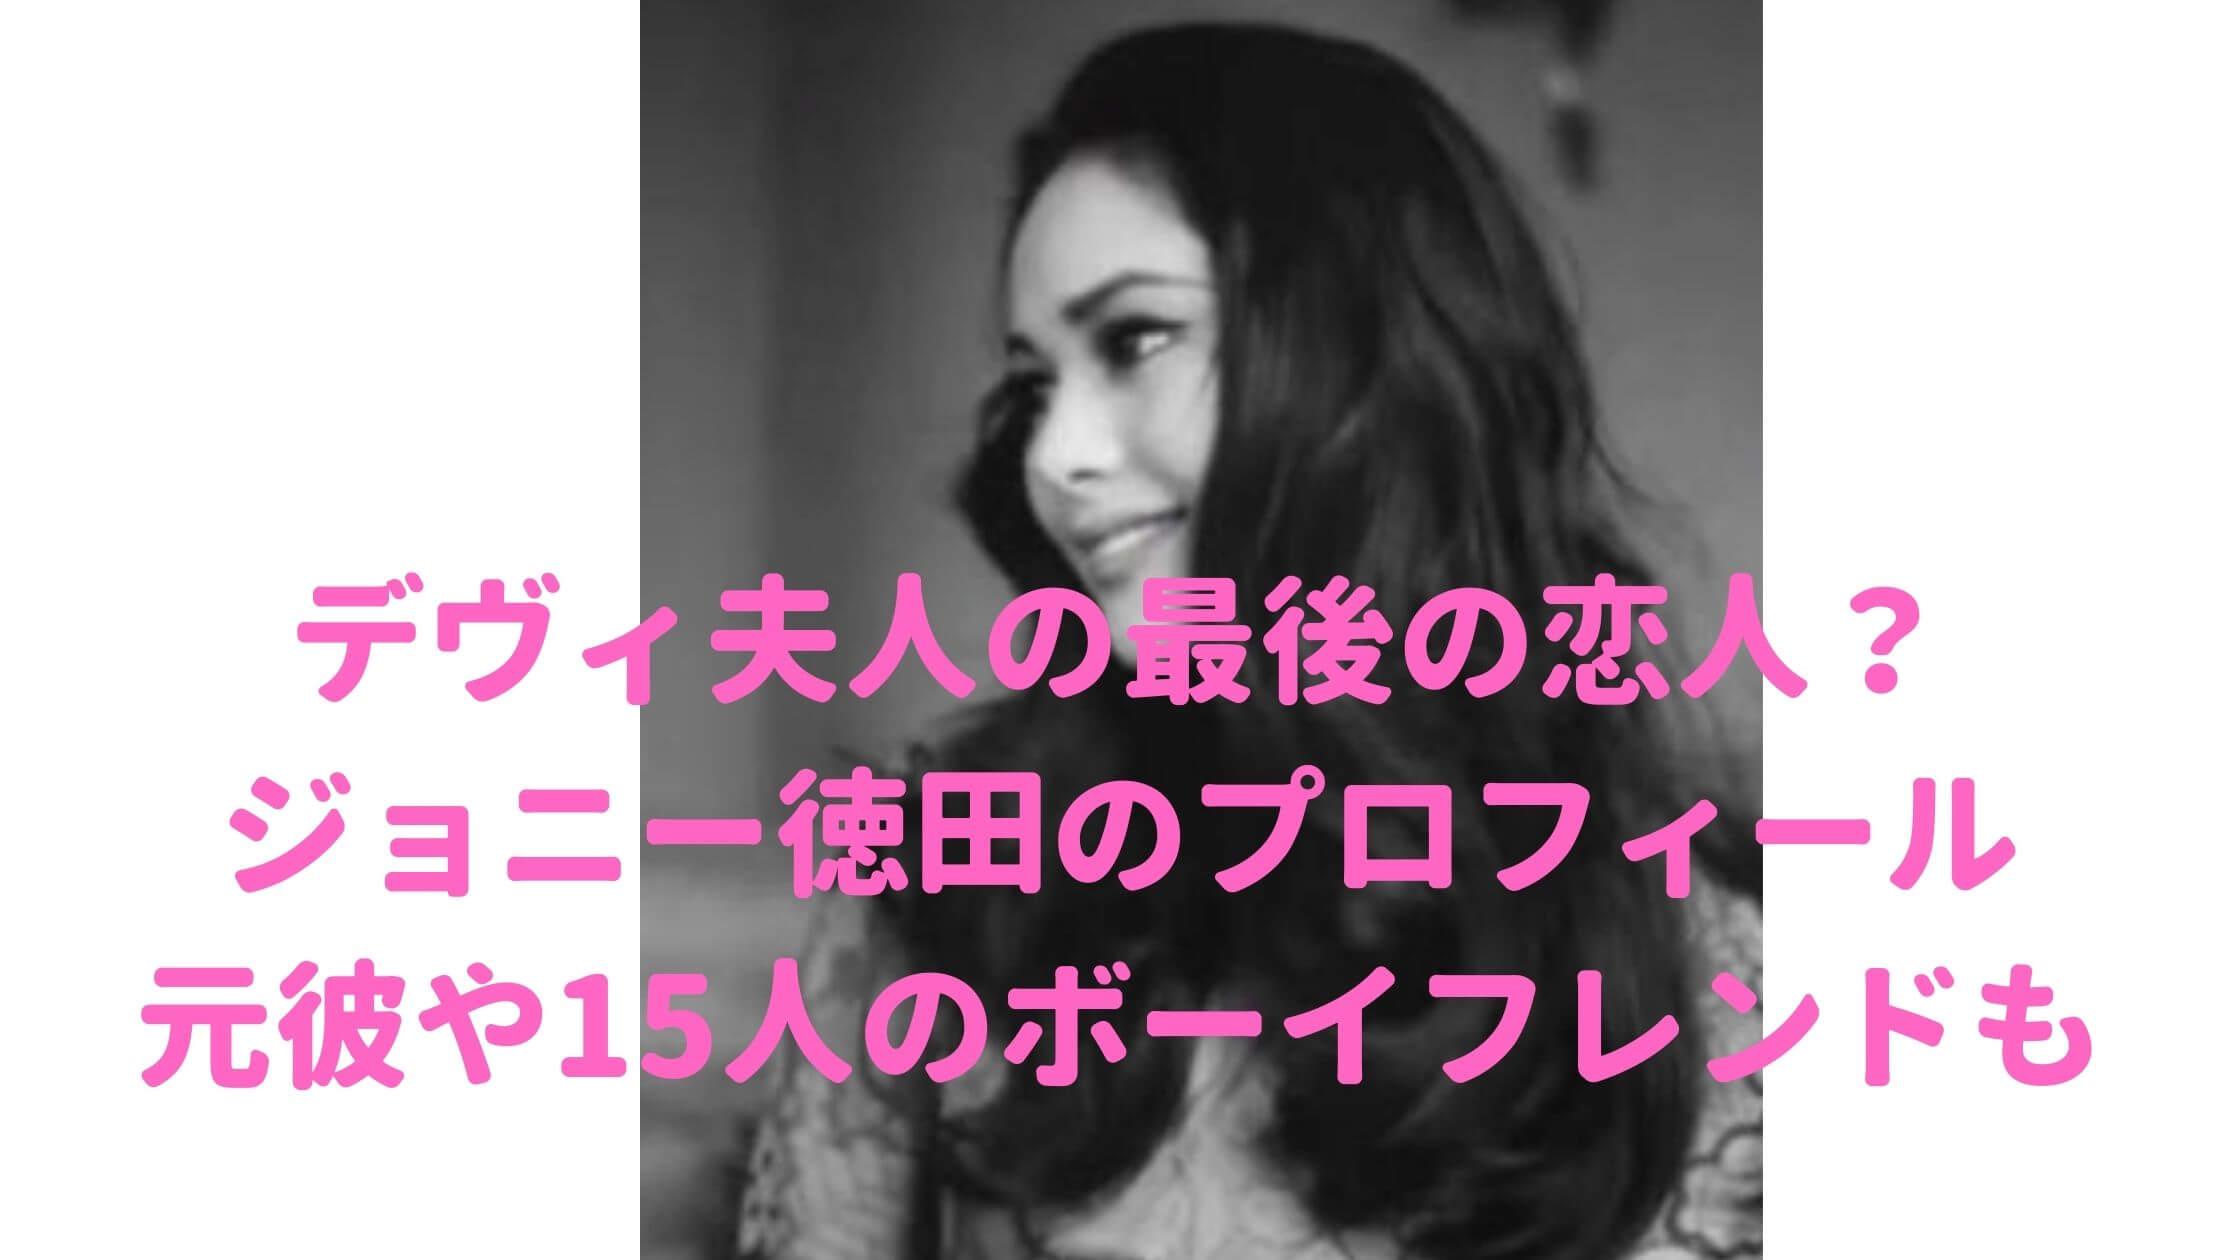 デヴィ夫人 ジョニー徳田